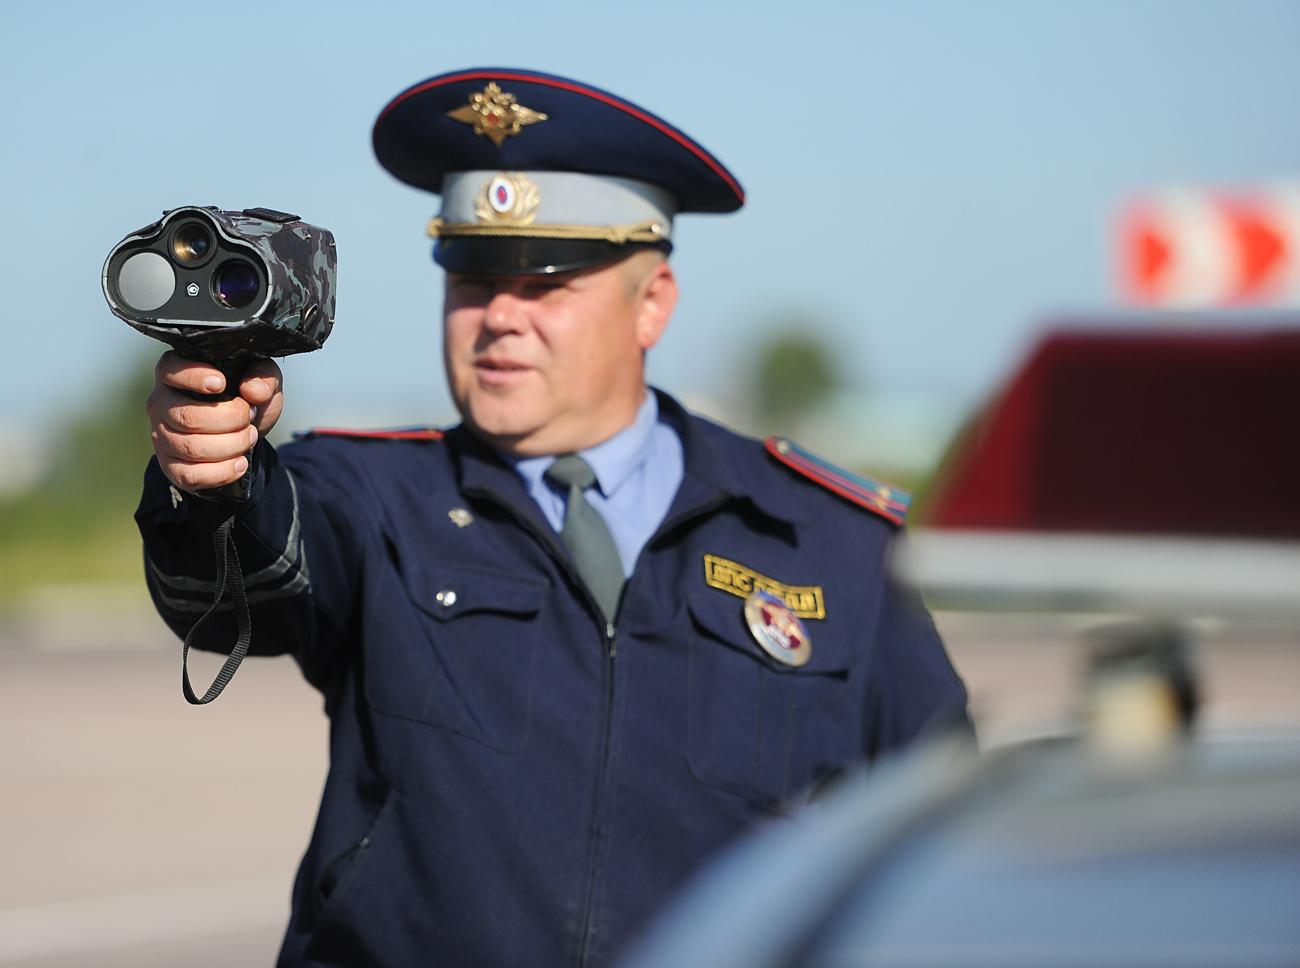 Die Strafen für Verkehrssünder werden im Herbst festgelegt.